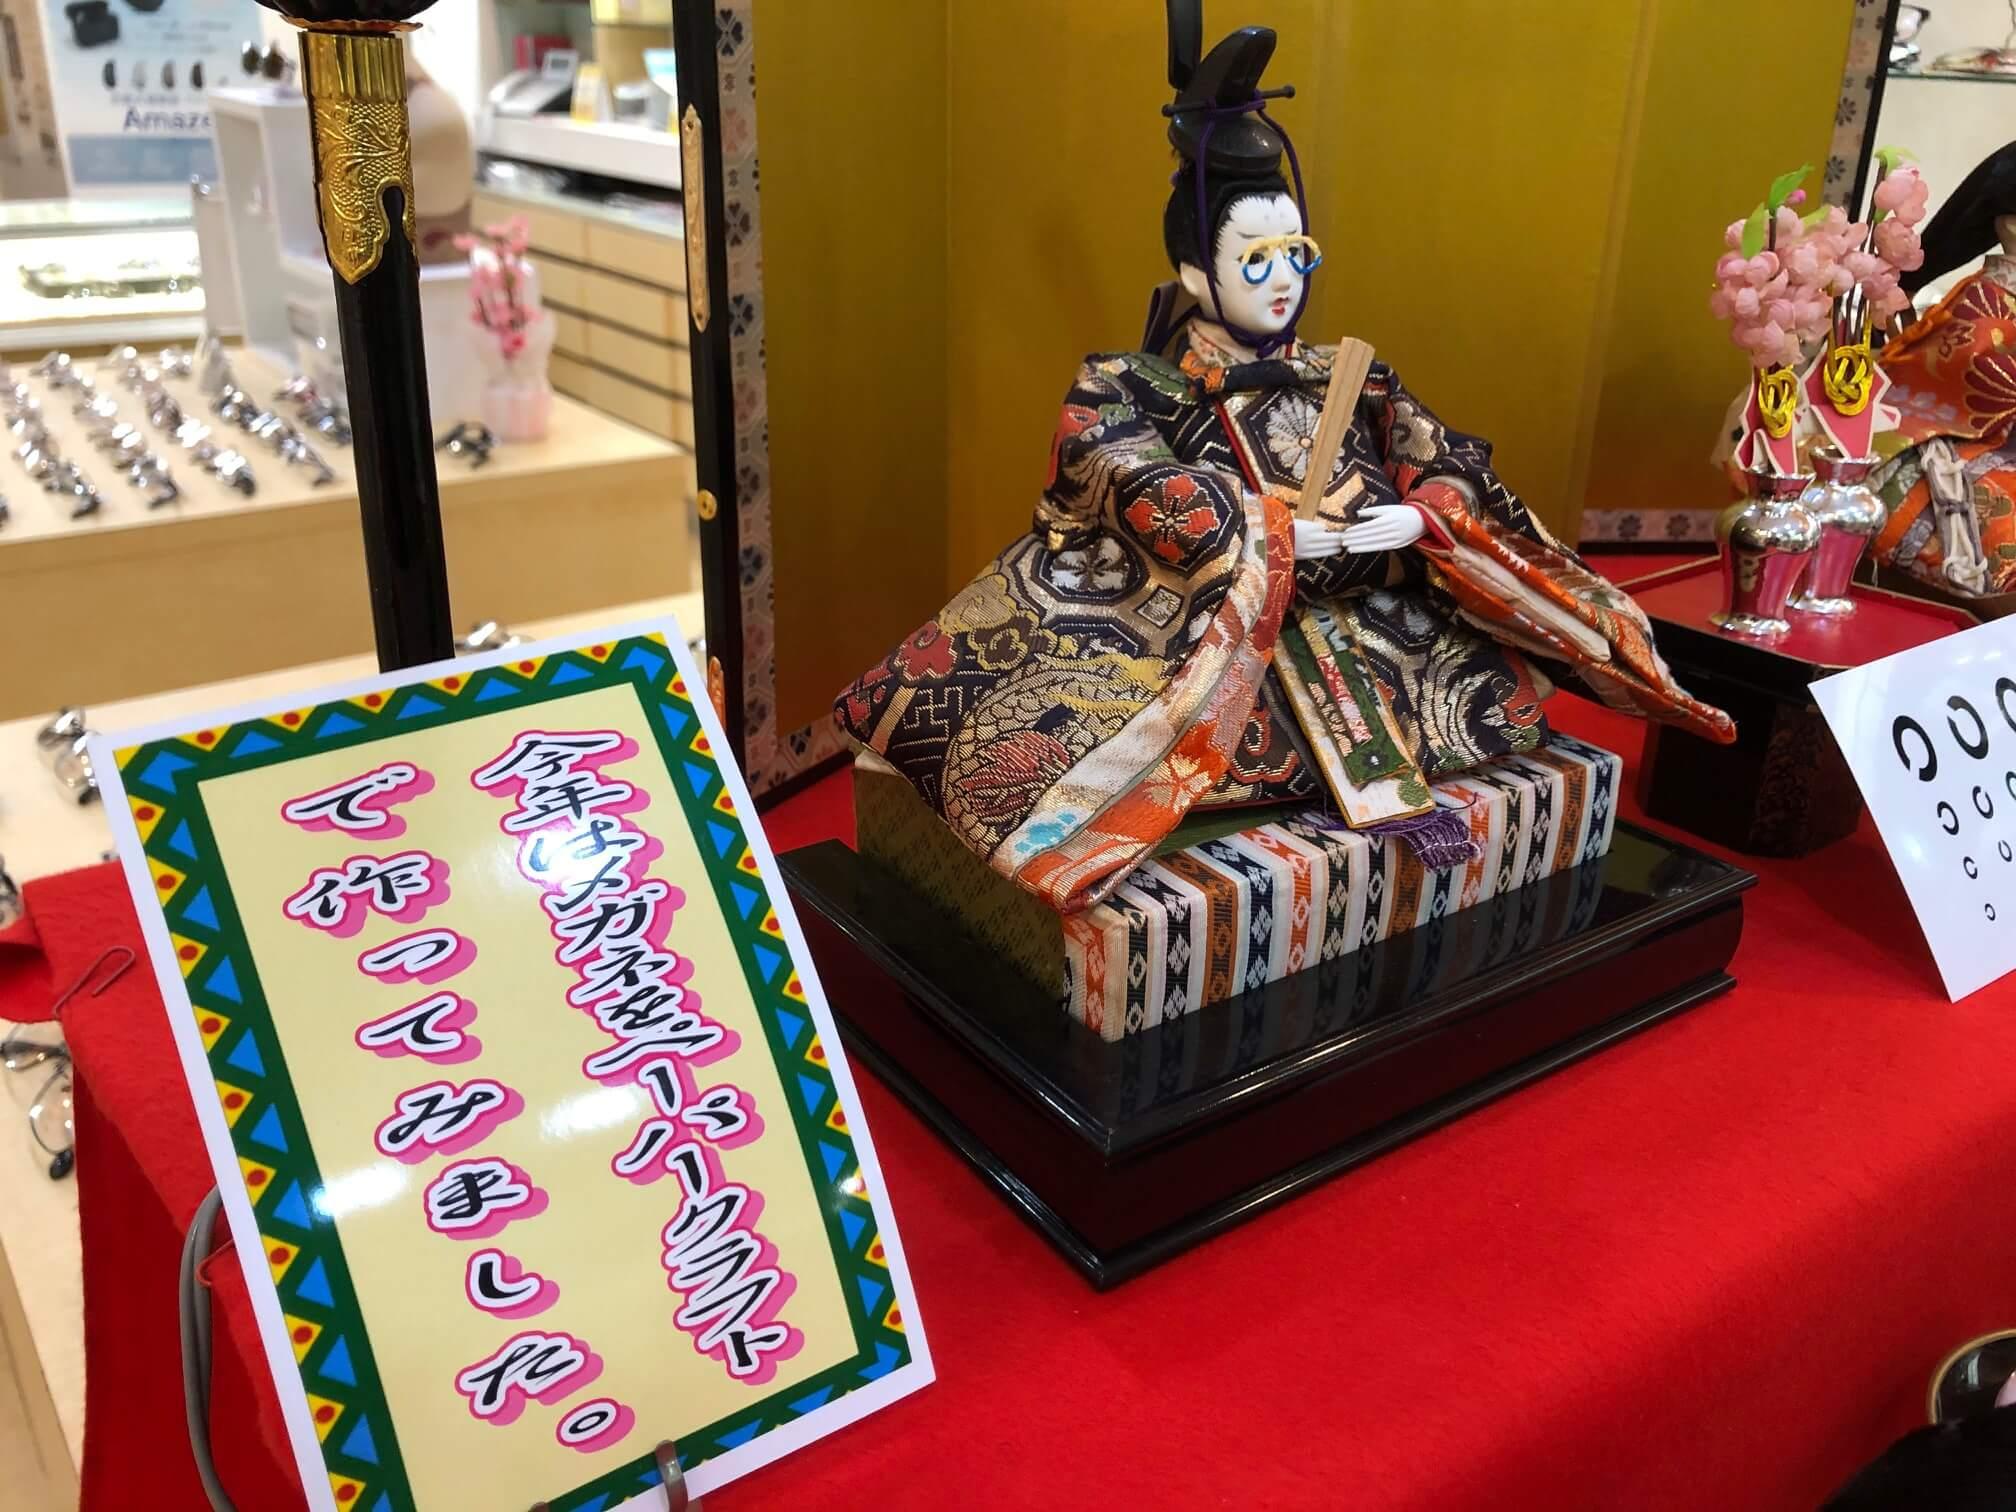 飯塚ひな祭り メガネ雛